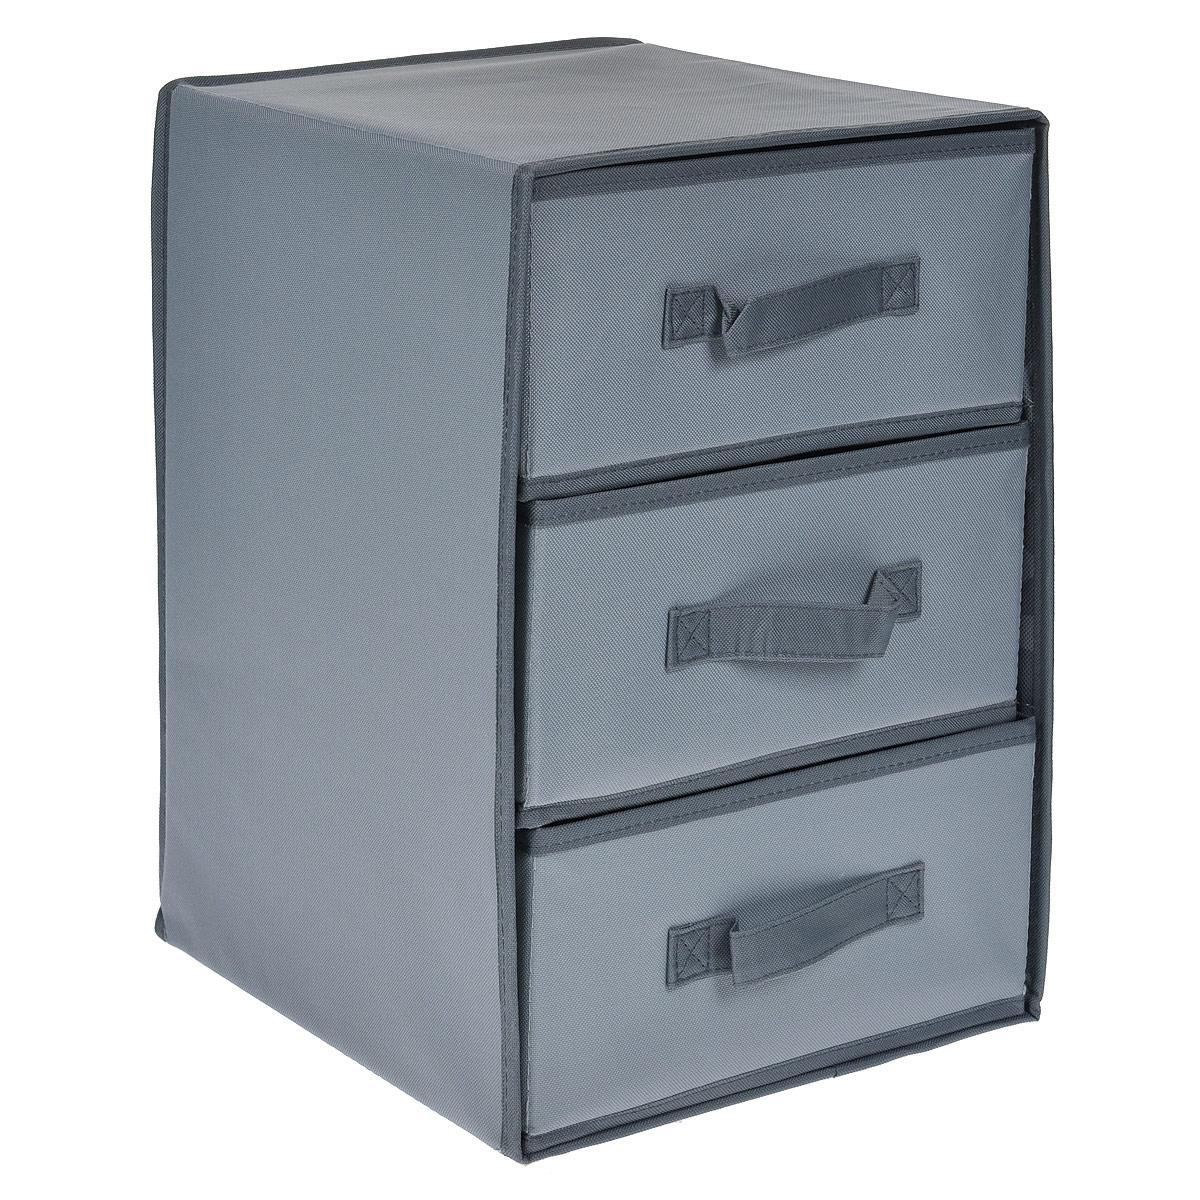 Ящик для хранения FS-6145P, цвет: серый, 3 секции, 30 х 30 х 41,5 смFS-6145PЯщик для хранения FS-6145P изготовлен из высококачественного нетканого материала, который позволяет сохранять естественную вентиляцию, а воздуху свободно проникать внутрь, не пропуская пыль. Материал легок, удобен и не образует складок. Благодаря специальным вставкам, ящик прекрасно держит форму, а эстетичный дизайн гармонично смотрится в любом интерьере. Ящик имеет три выдвижные секции с ручками, в которых удобно хранить белье и другие мелкие вещи.Особая конструкция позволяет при необходимости быстро сложить или разложить ящик. Такой ящик сэкономит место и сохранит порядок в доме. Характеристики:Материал: нетканый материал. Цвет: серый. Размер ящика (ДхШхВ): 30 см х 30 см х 41,5 см.